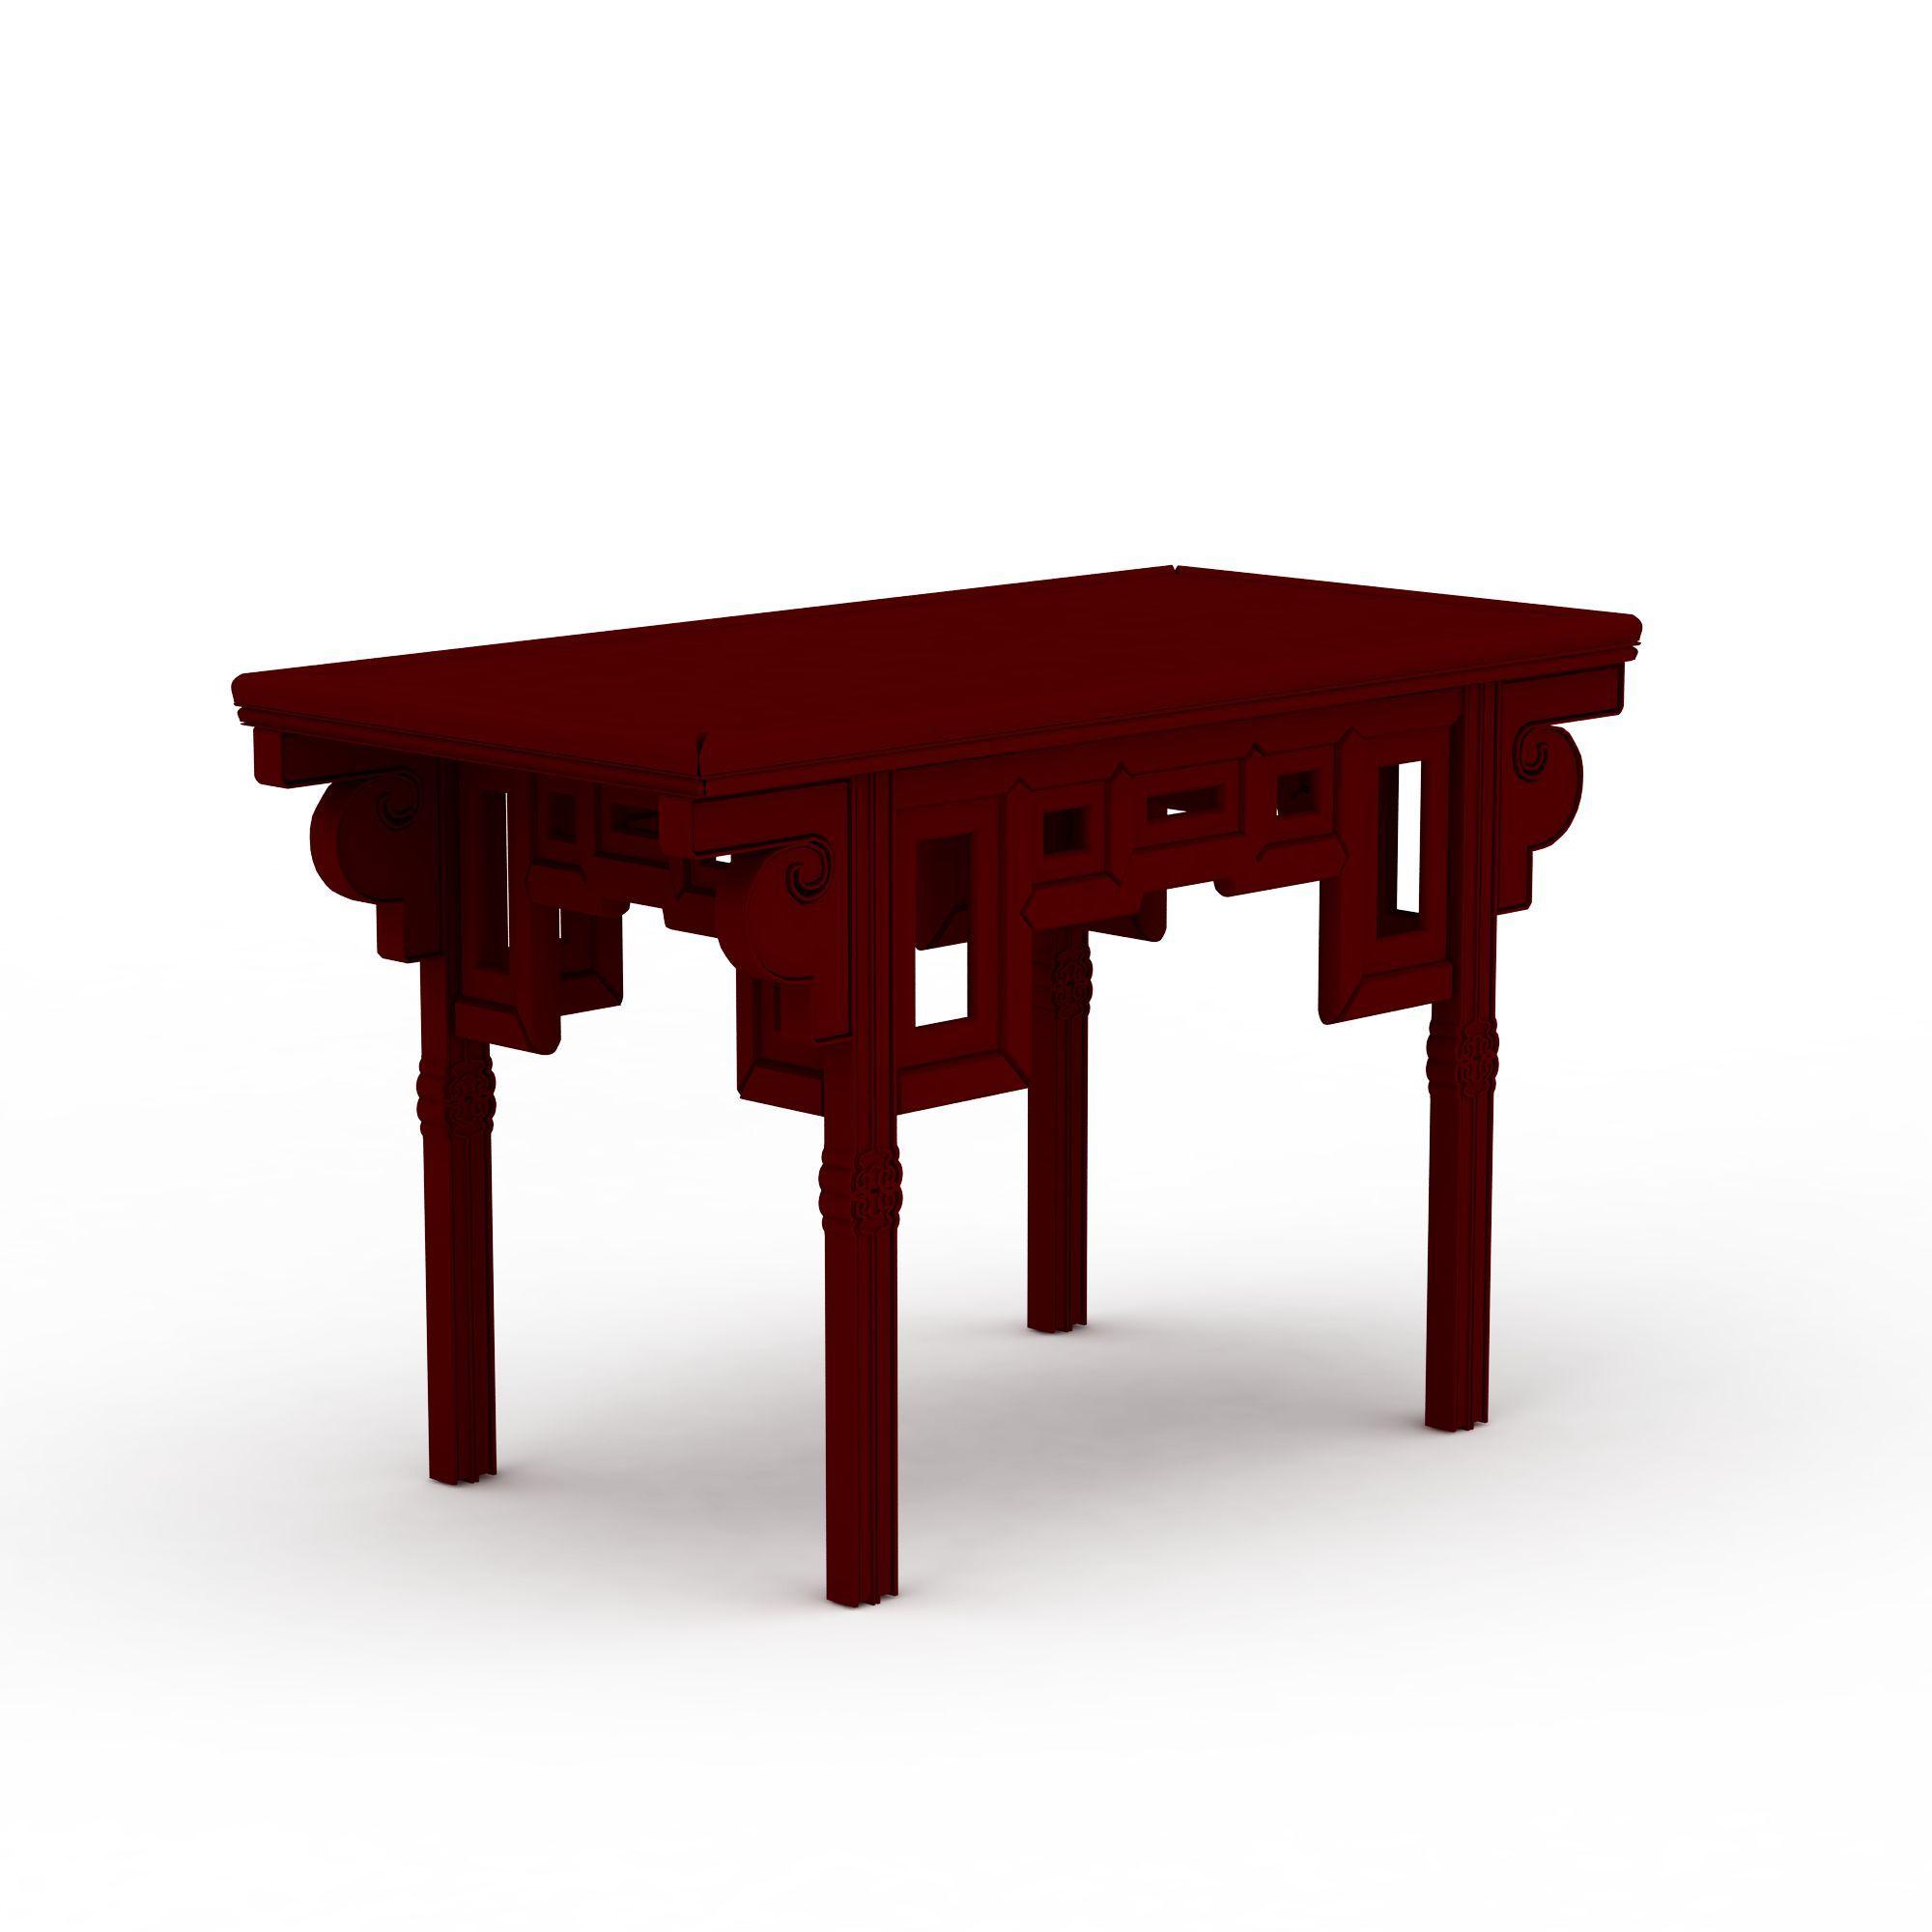 格式 png 风格 现代 上传时间 2015/09/01  关键词:中式桌子3d模型图片